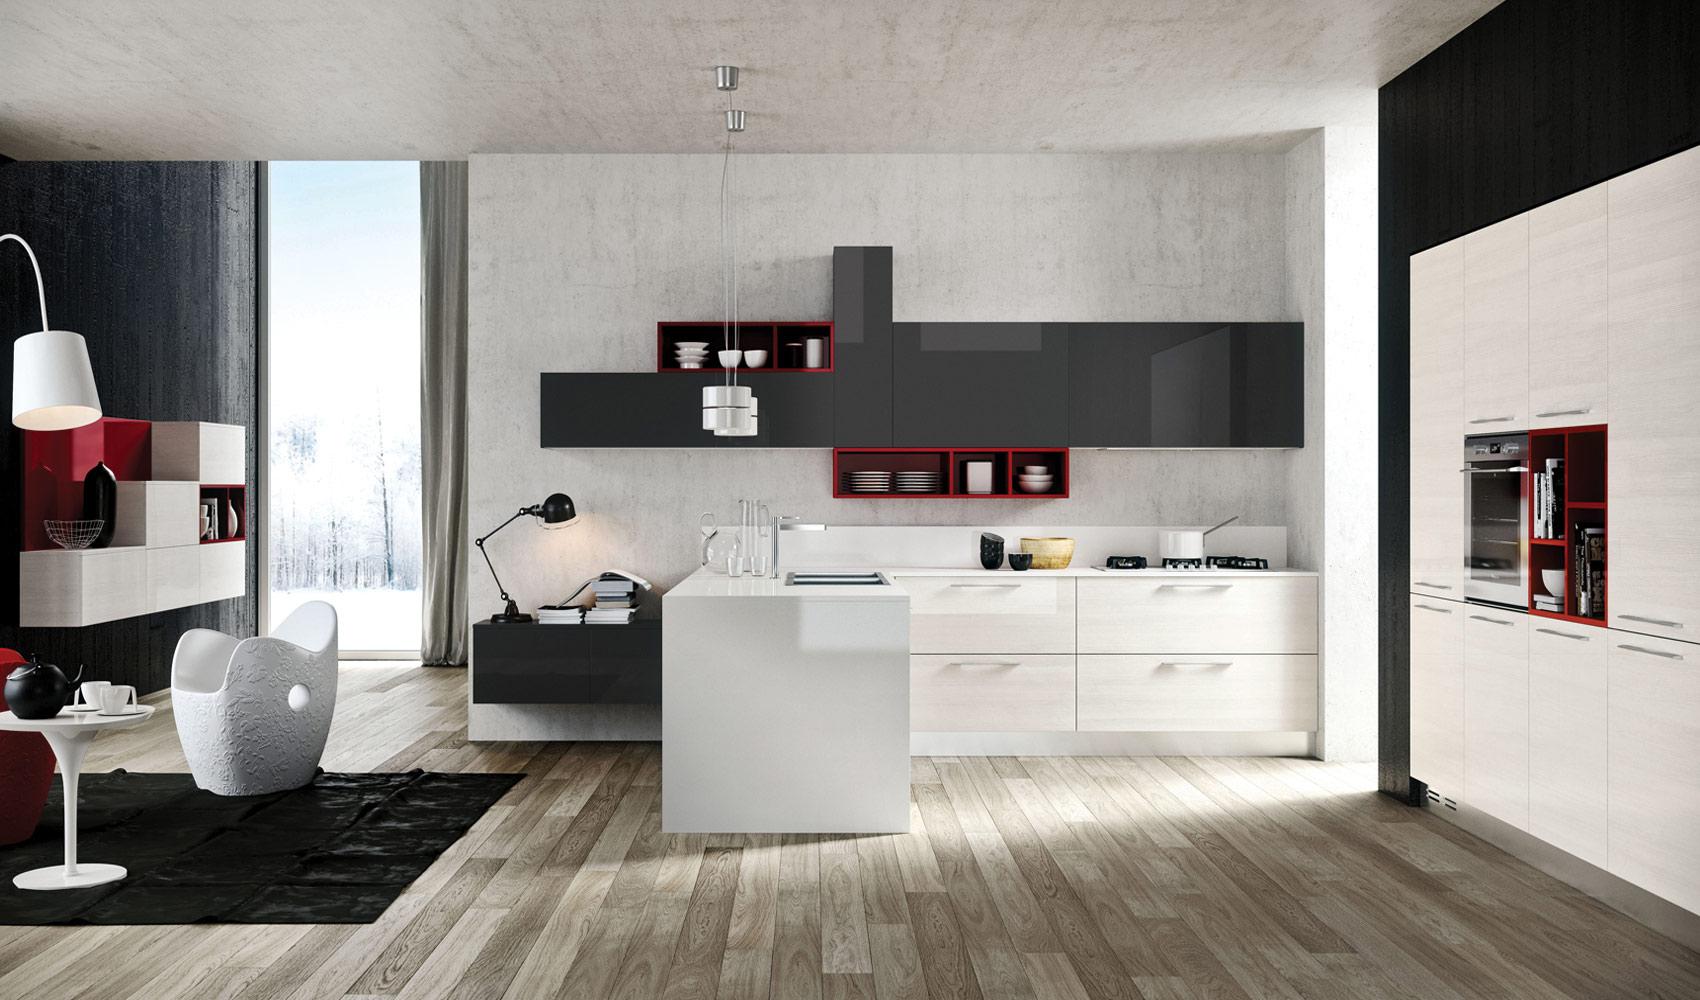 Бело-серый кухонный гарнитур с ярко-красными полками в интерьере